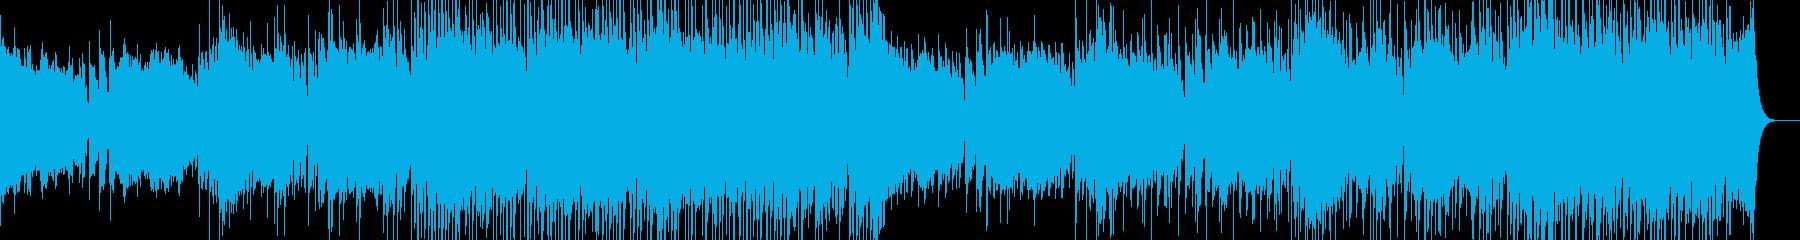 幻想的なチップチューンの再生済みの波形